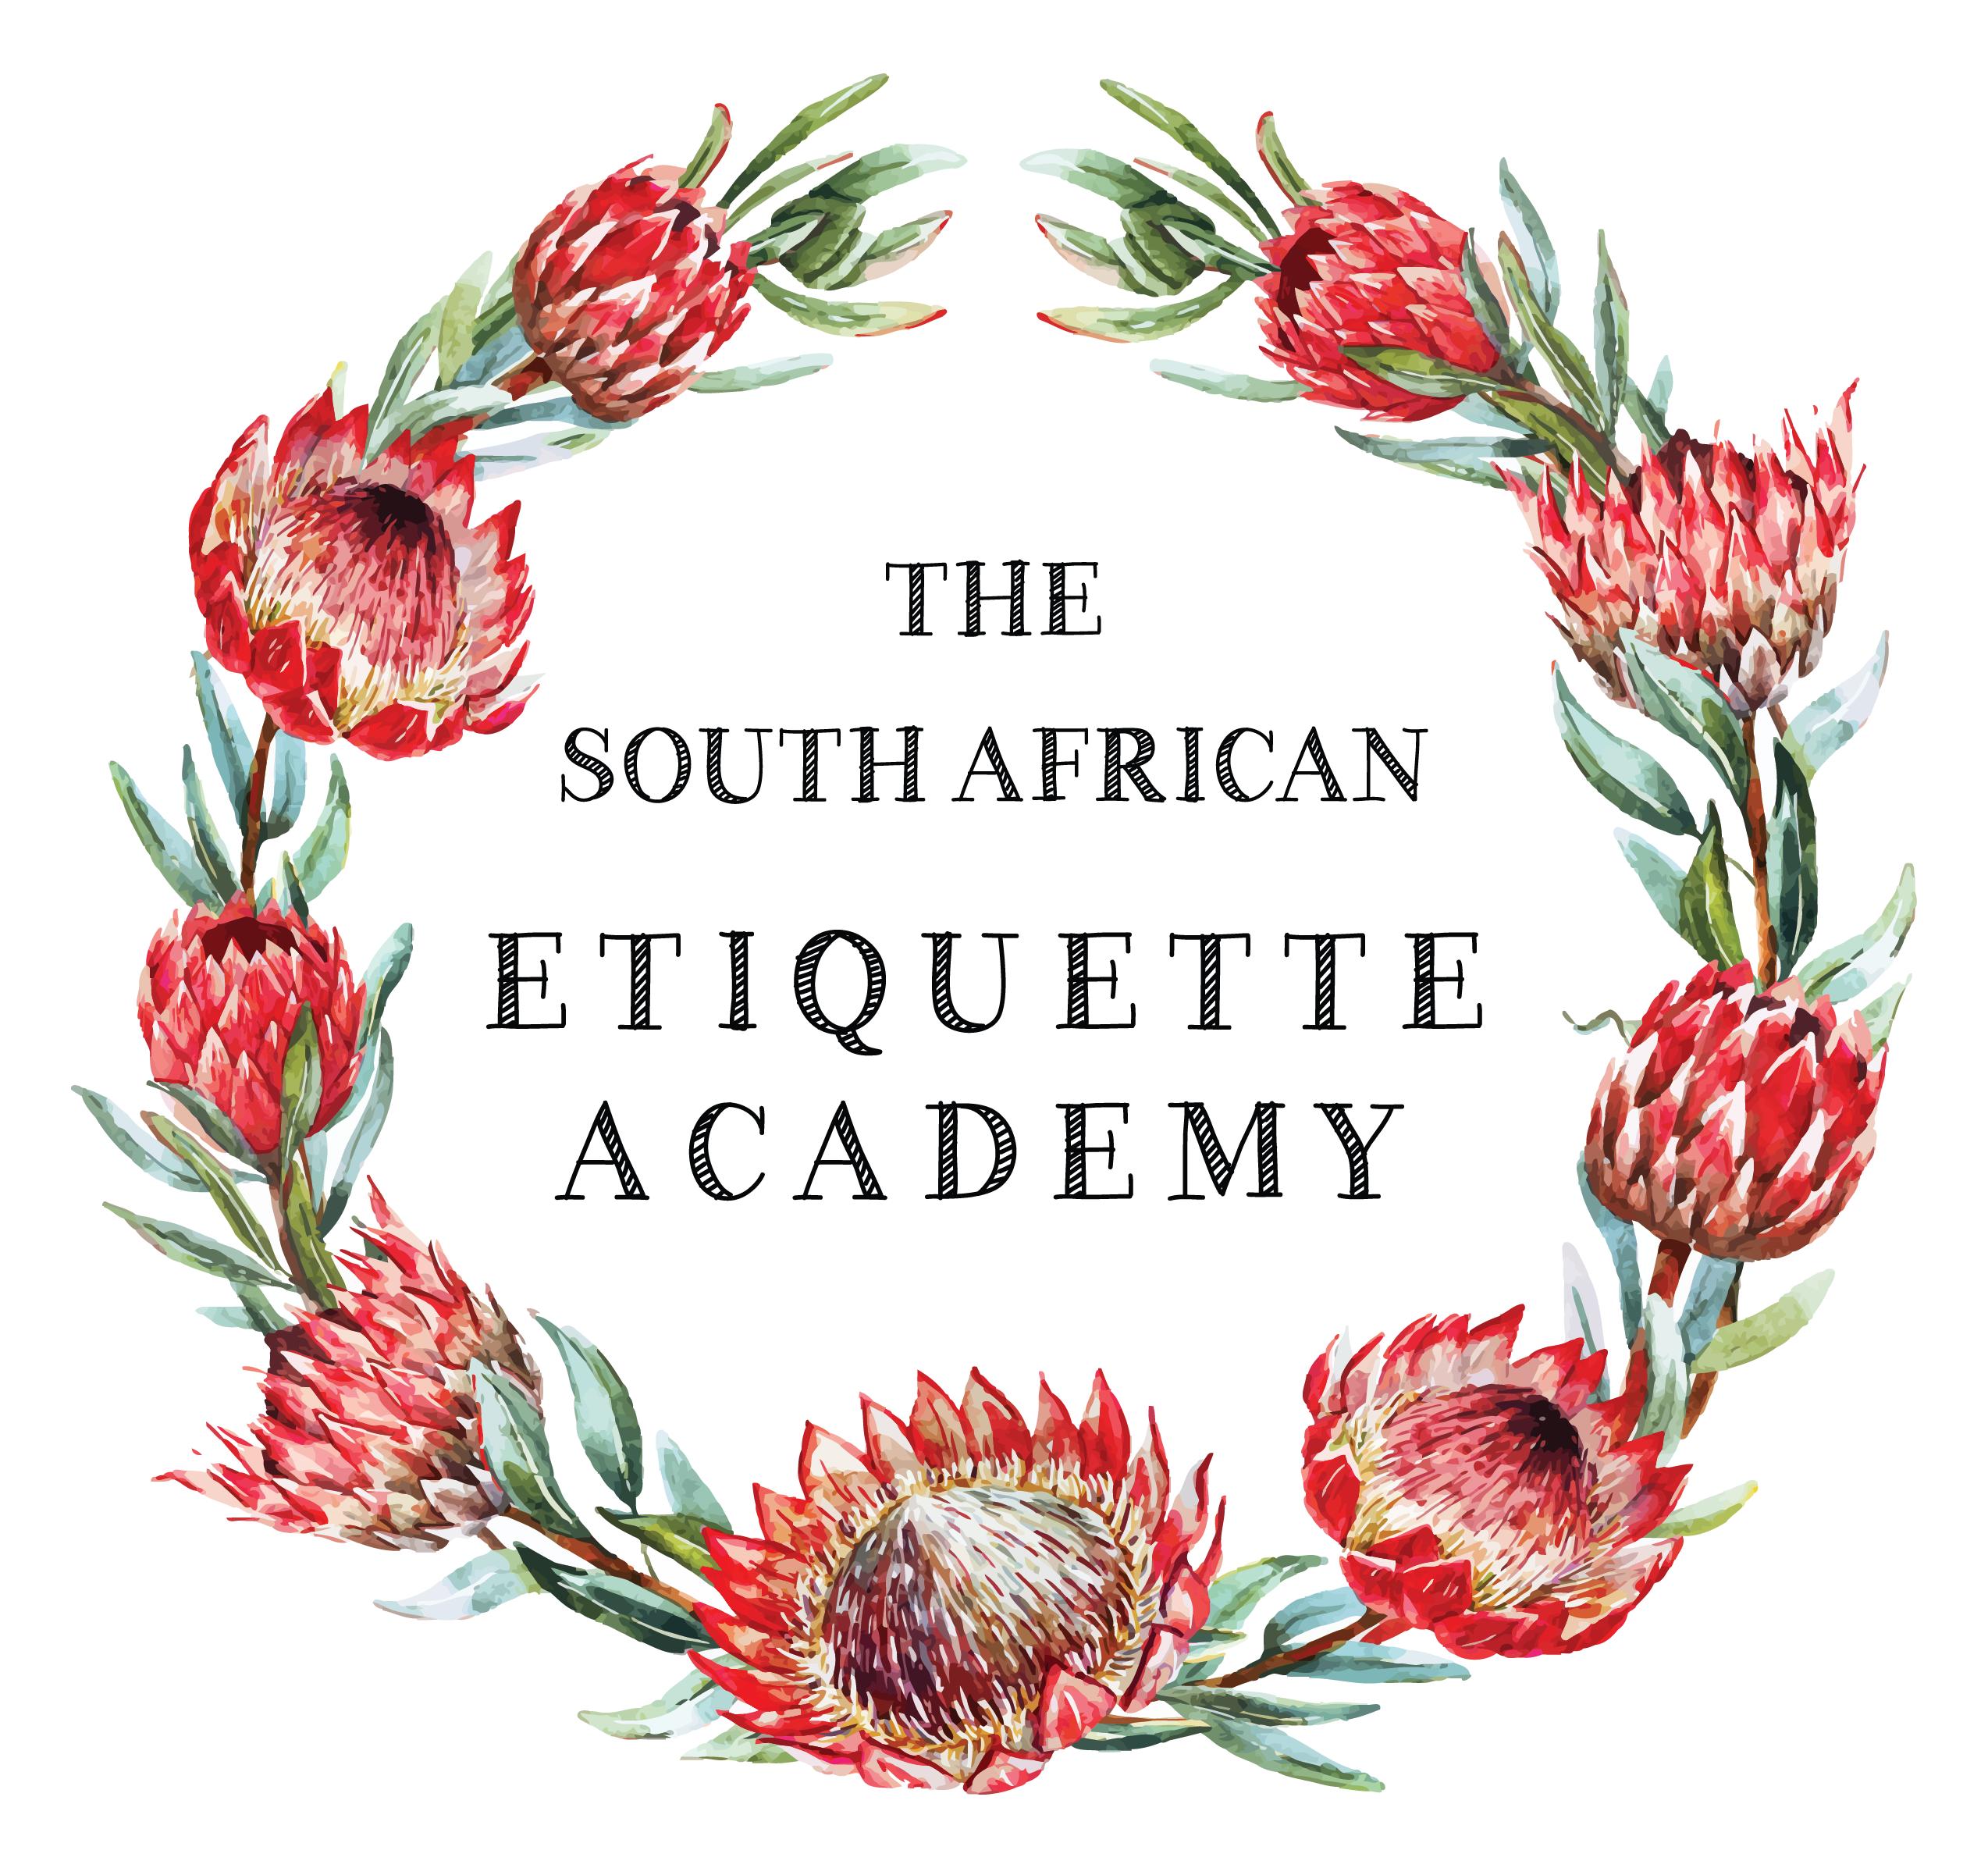 Etiquette Academy